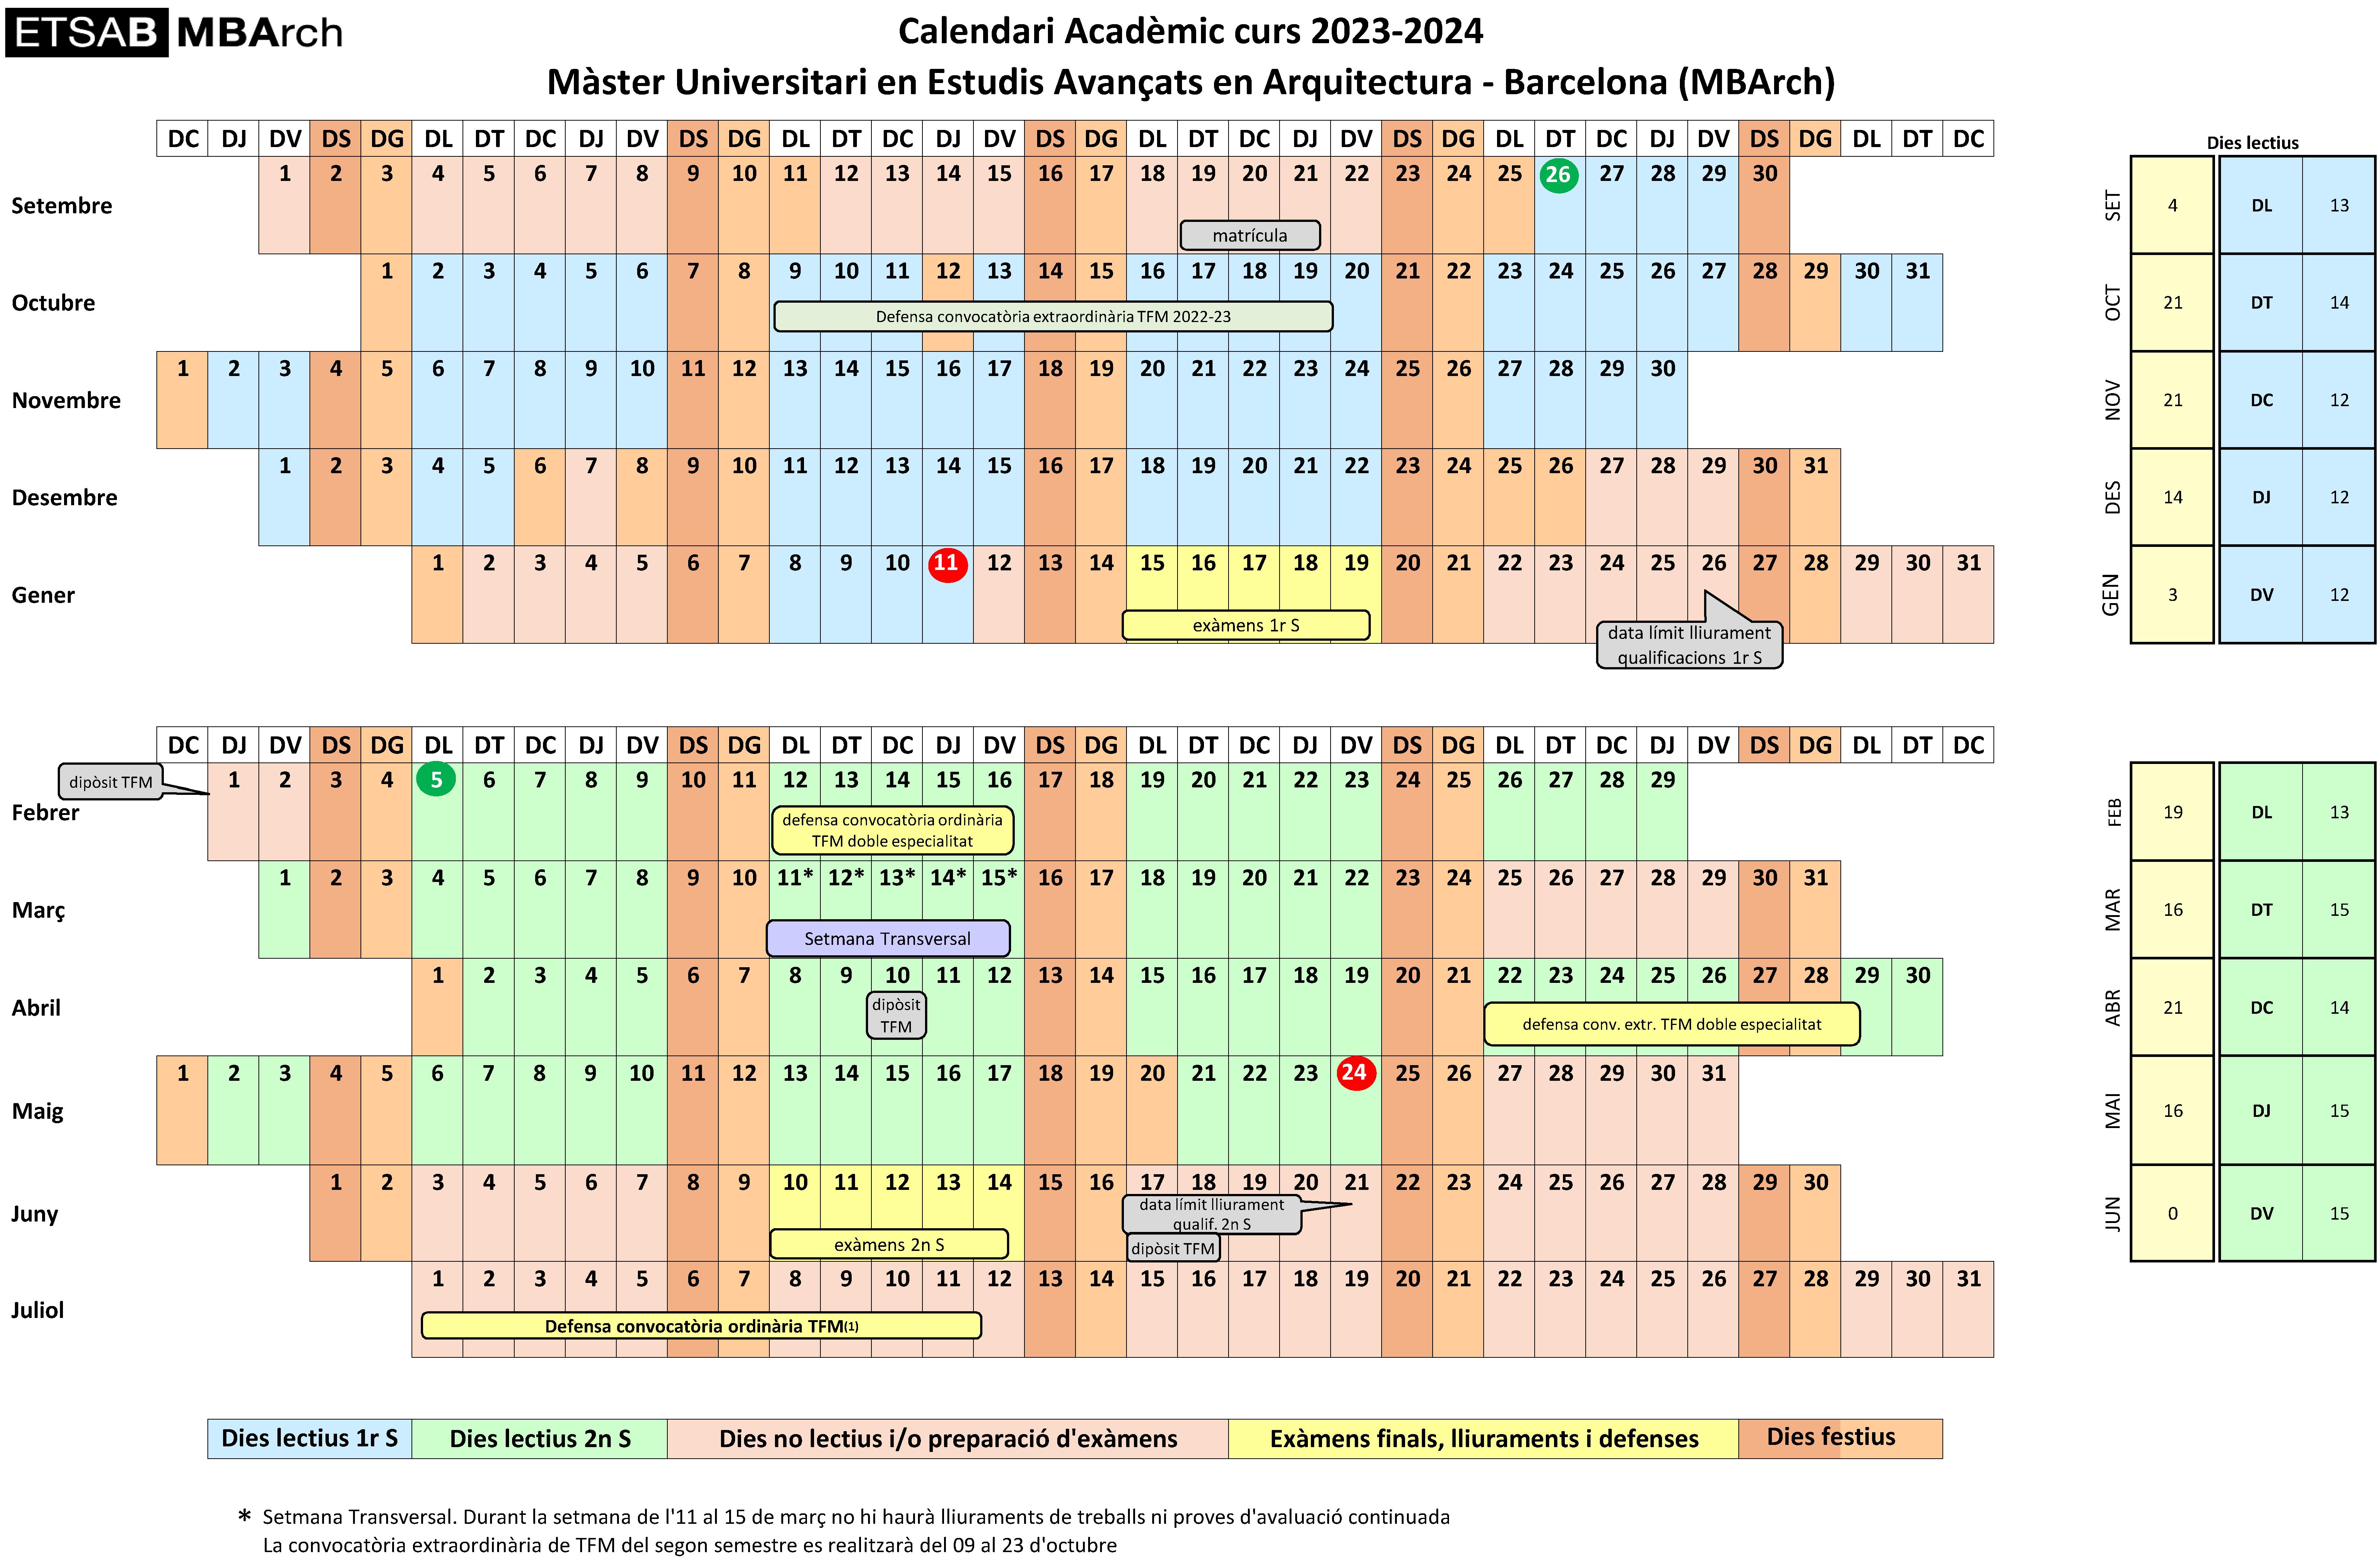 calendari 18-19 mbarch.png